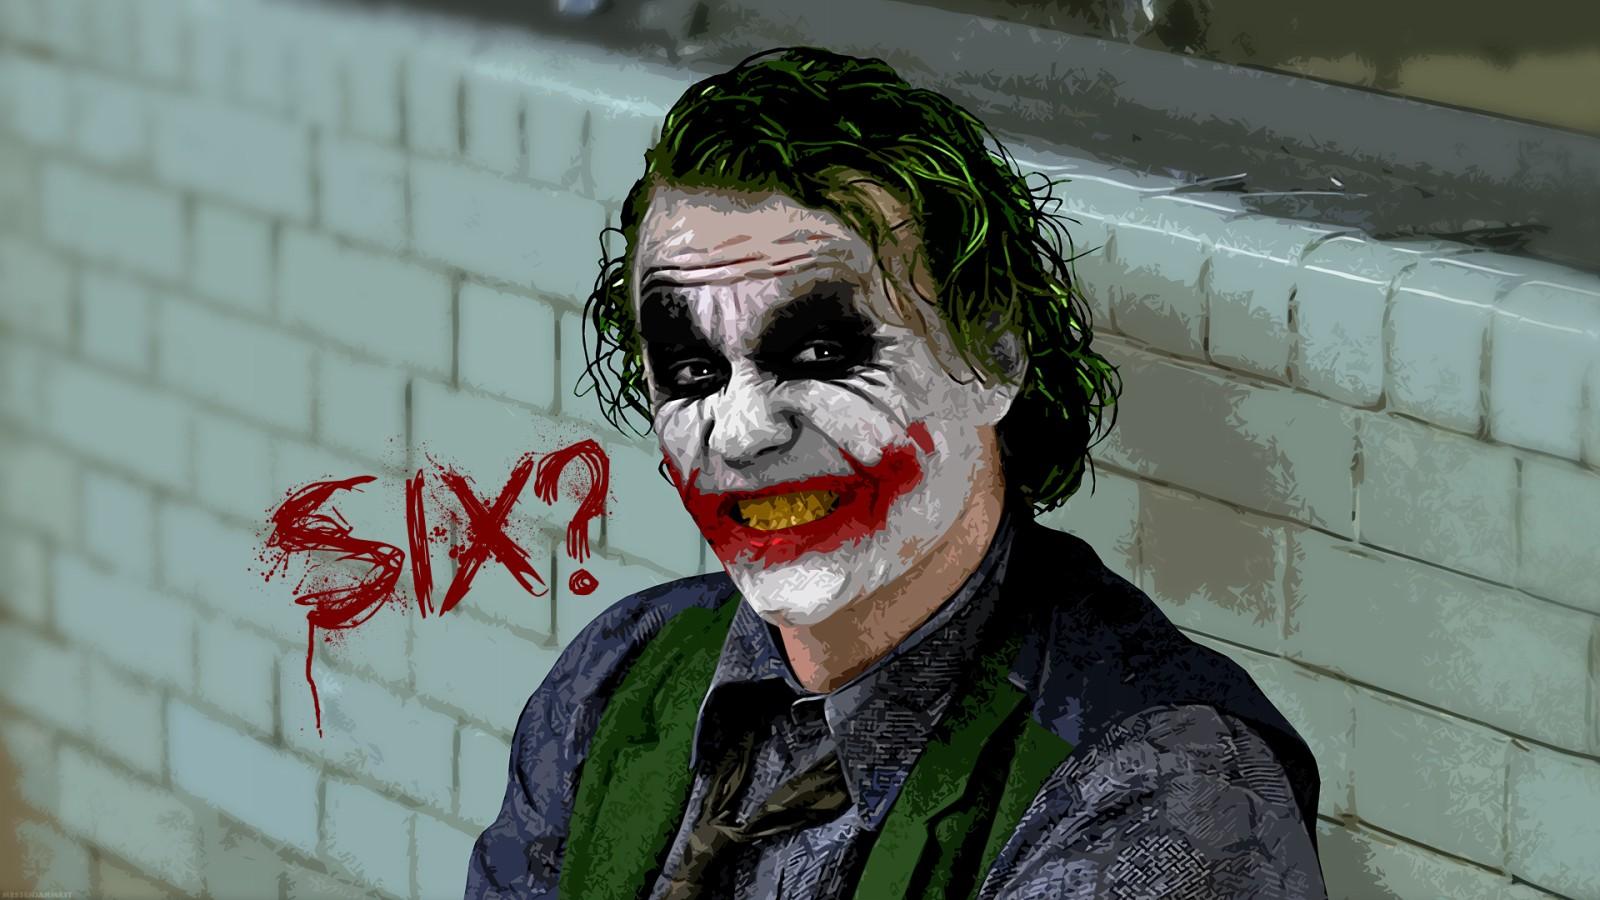 Joker Batman Dark Knight HD Wallpaper of Movie   hdwallpaper2013com 1600x900